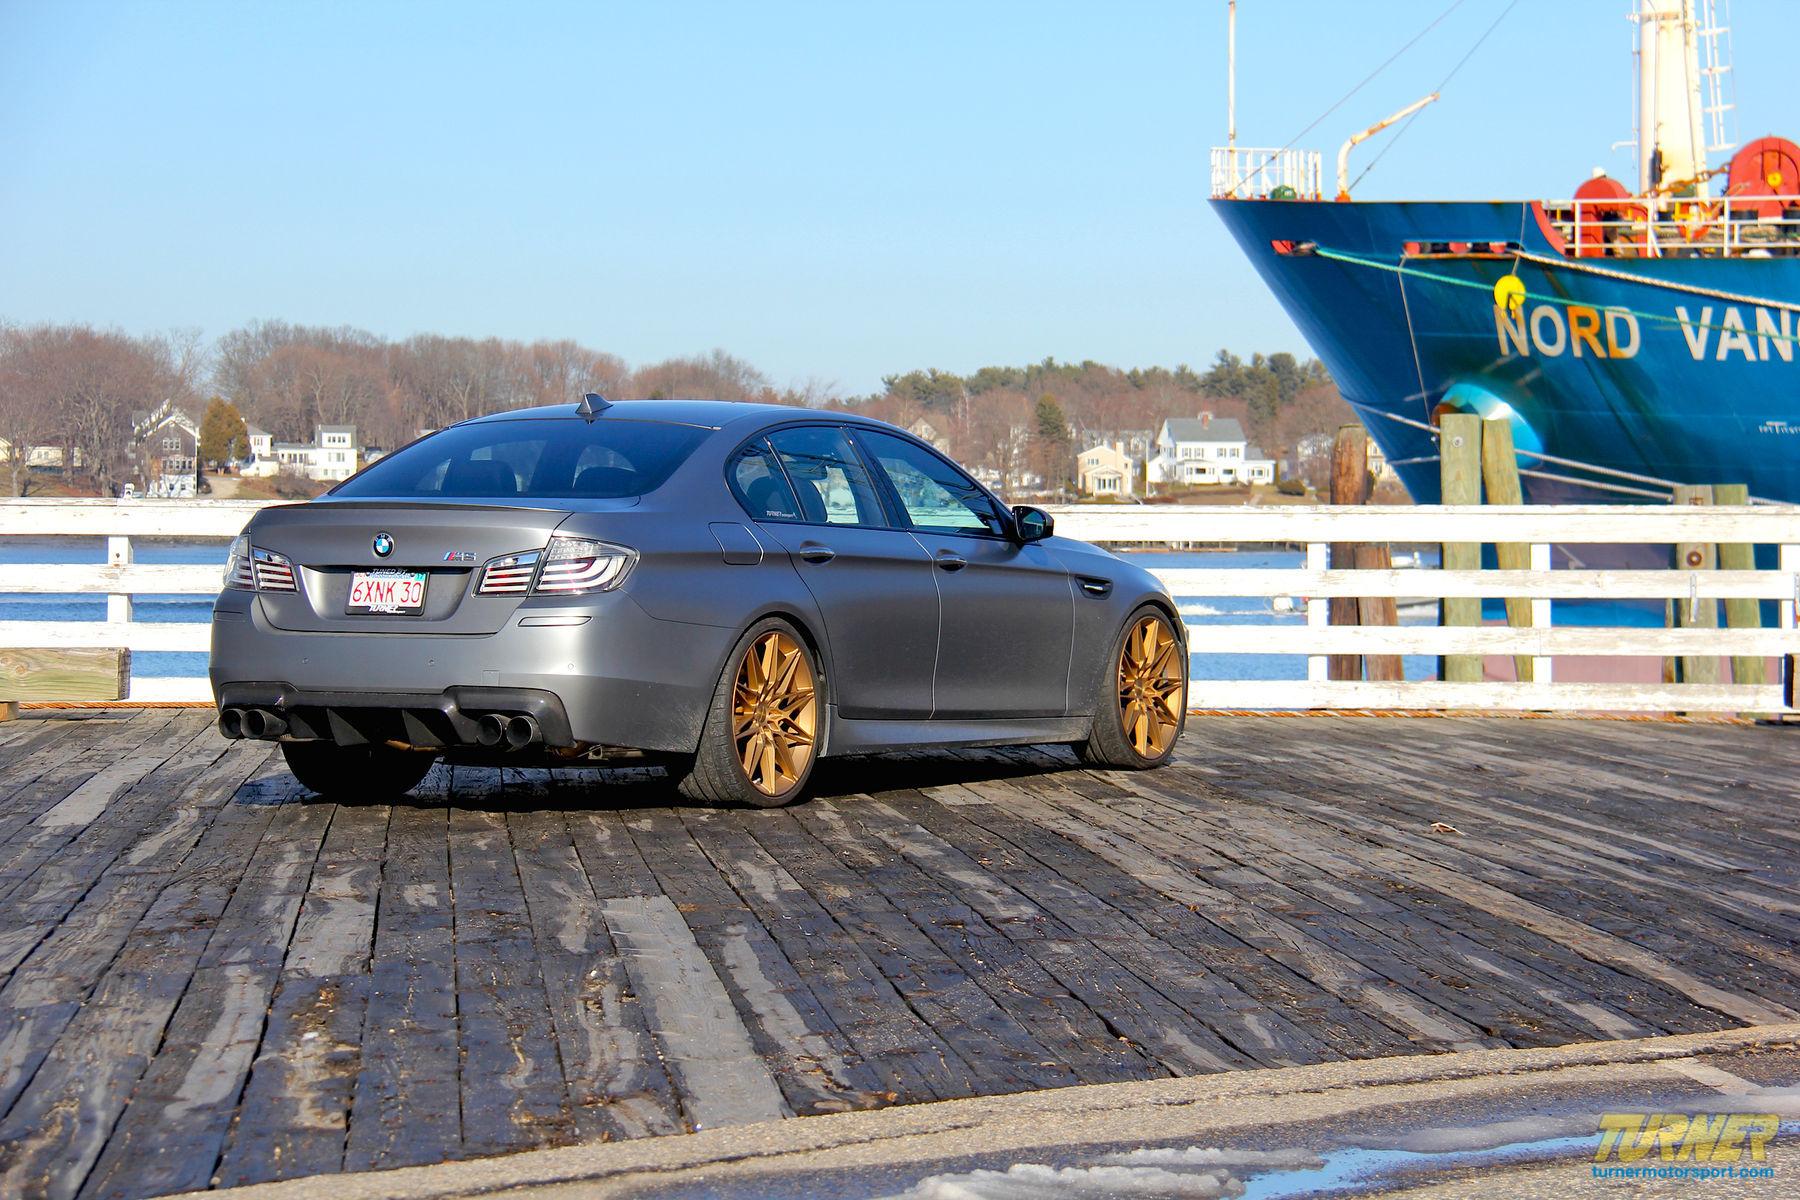 2015 BMW M5 | Turner Motorsport's Frozen Gray BMW F10 M5 on Forgeline One Piece Forged Monoblock MT1 Wheels